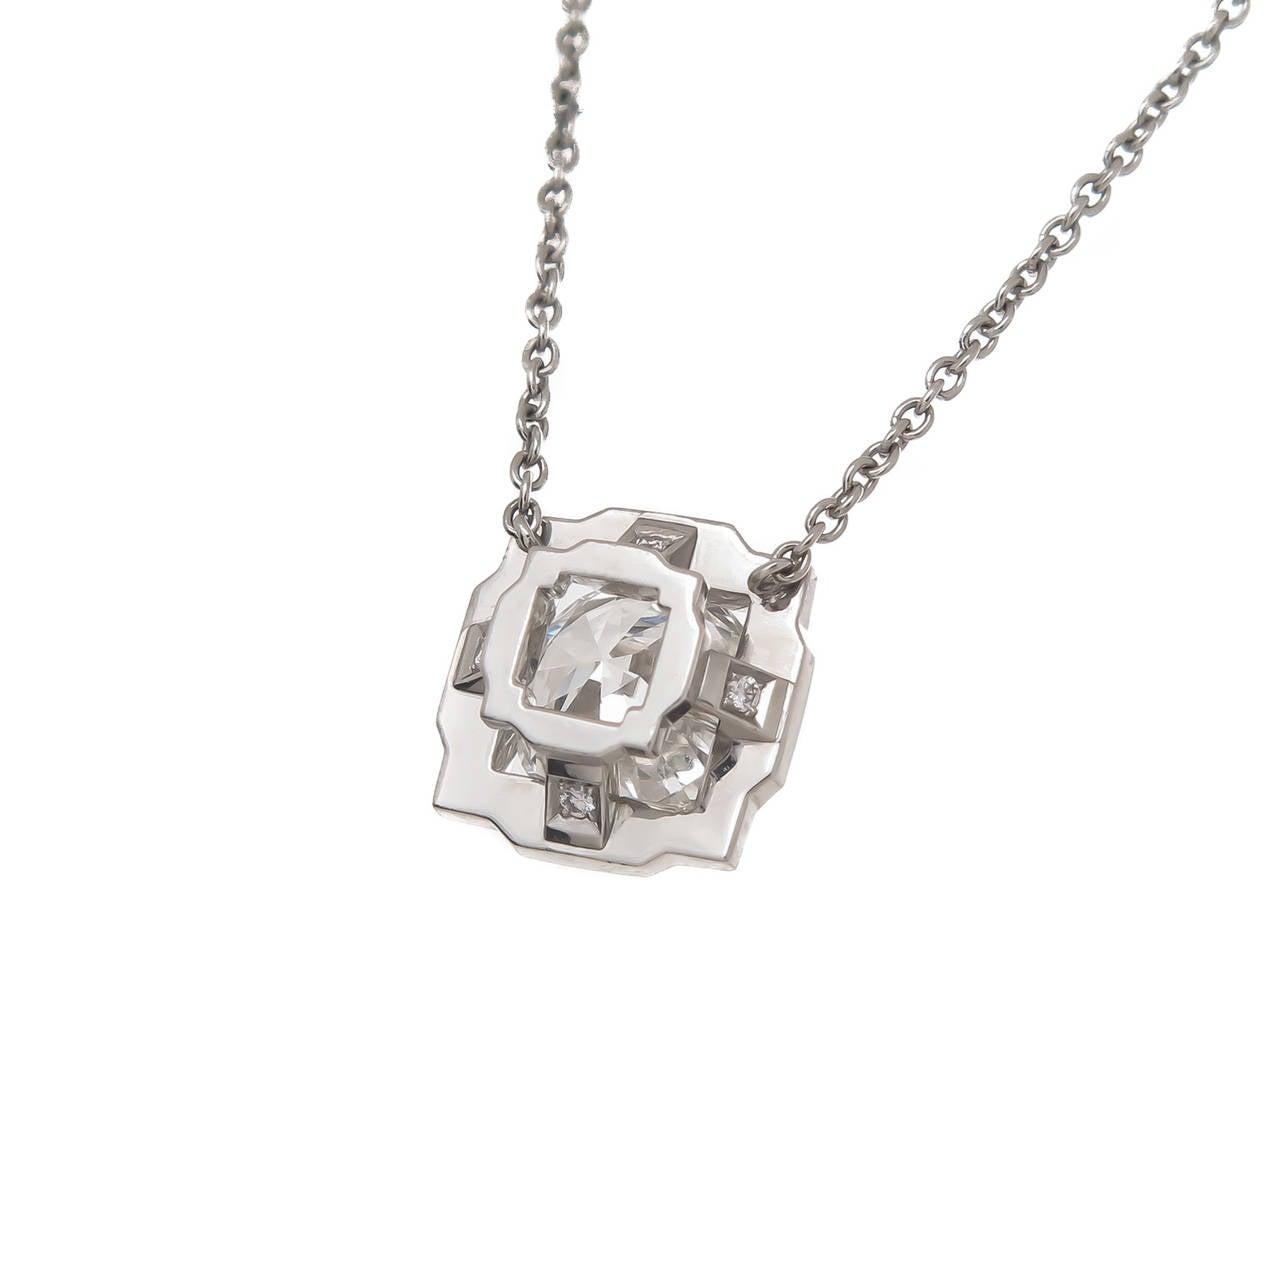 harry winston platinum solitaire pendant necklace